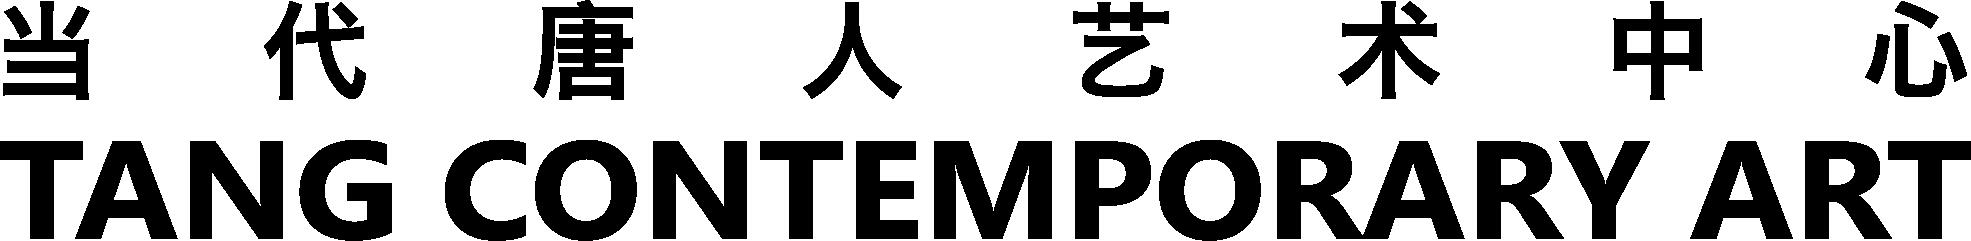 """『李邦耀:""""物""""的研究1990-2020』武汉合美术馆开展 李邦耀 合美术馆 武汉 Bang yao ObjectSymbols 中电光谷协办 当代唐人艺术中心 出品人 黄立平 崇真艺客"""